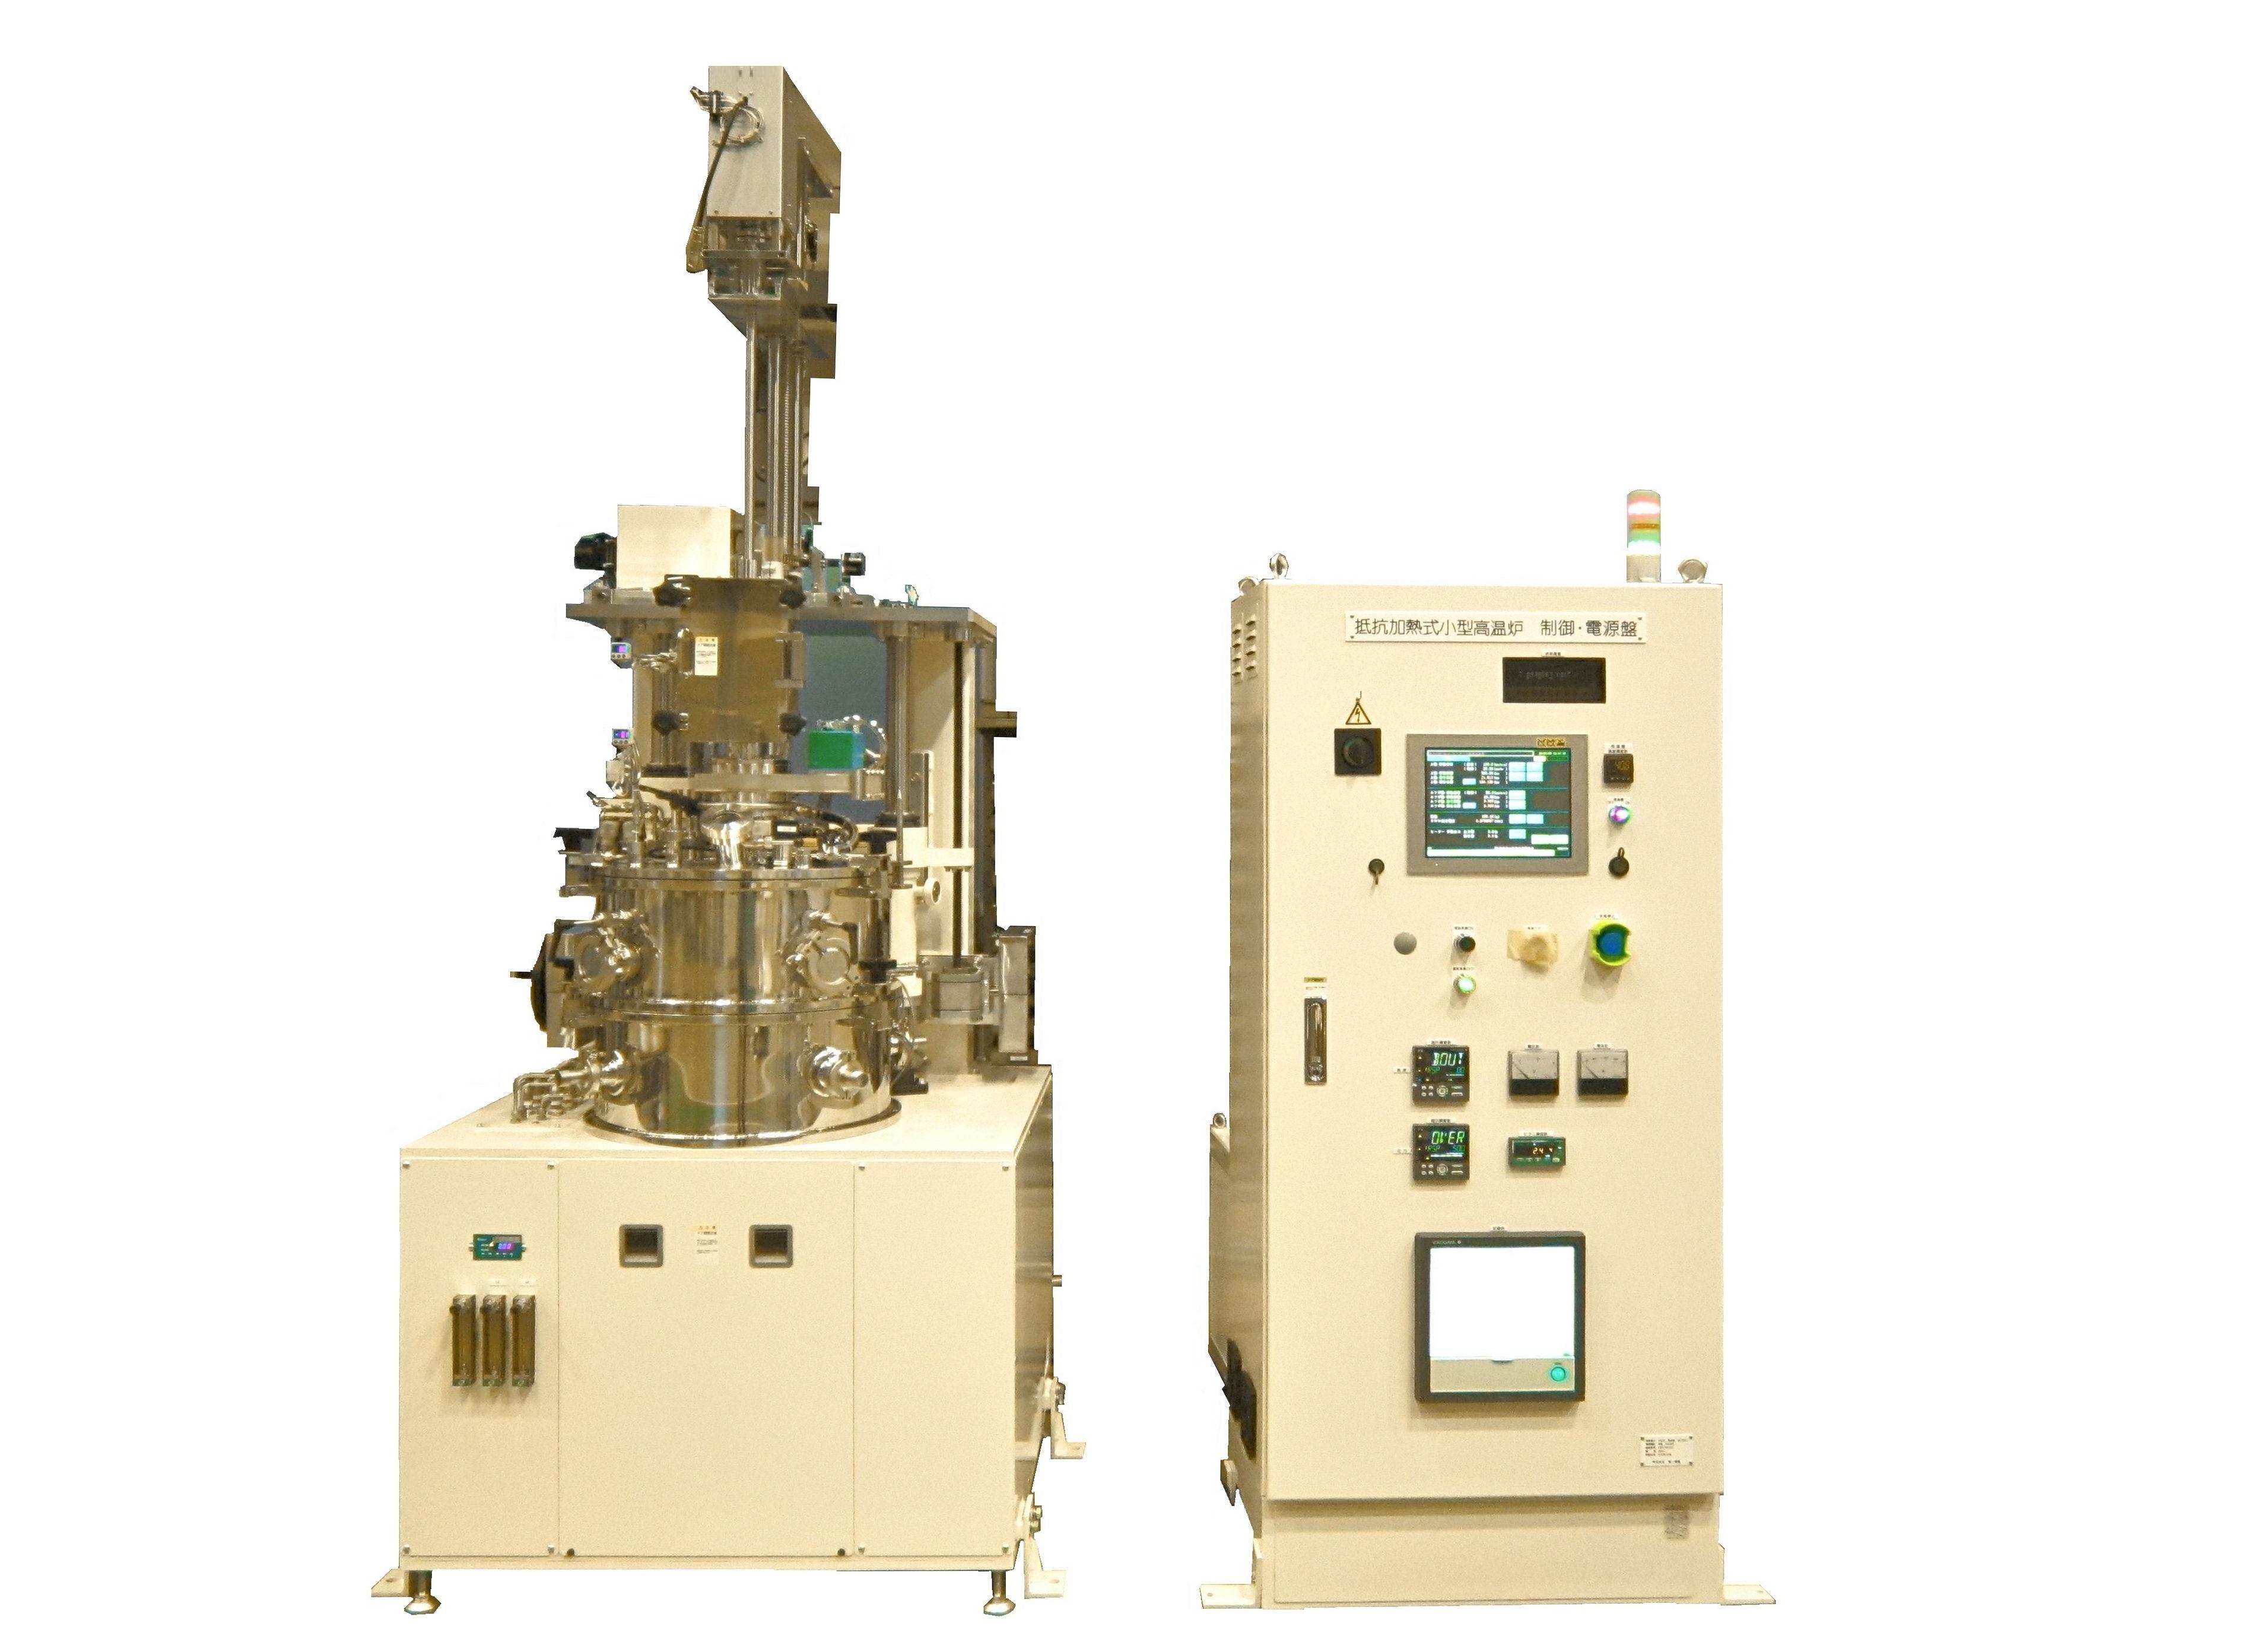 小型チャンバー引上げ装置(CZ炉)